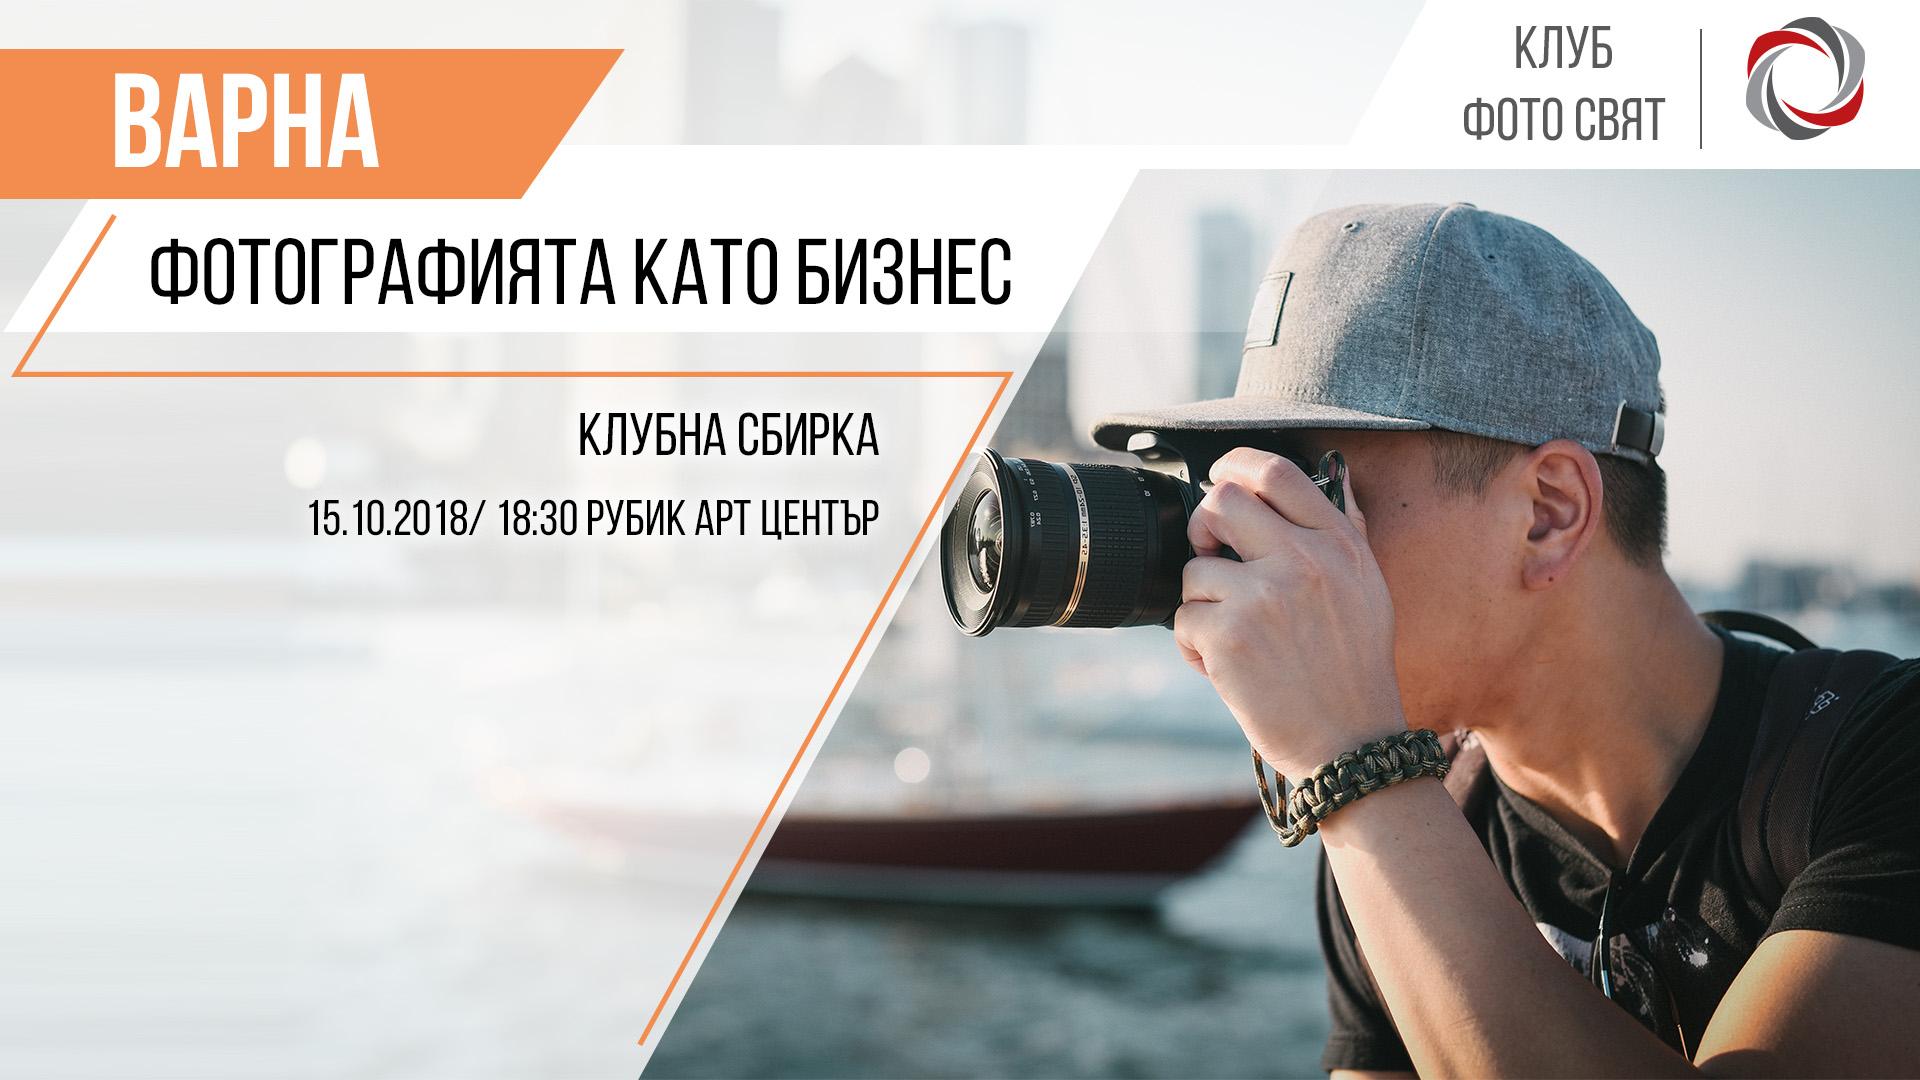 Фотографията като бизнес | Клубна сбирка - Варна